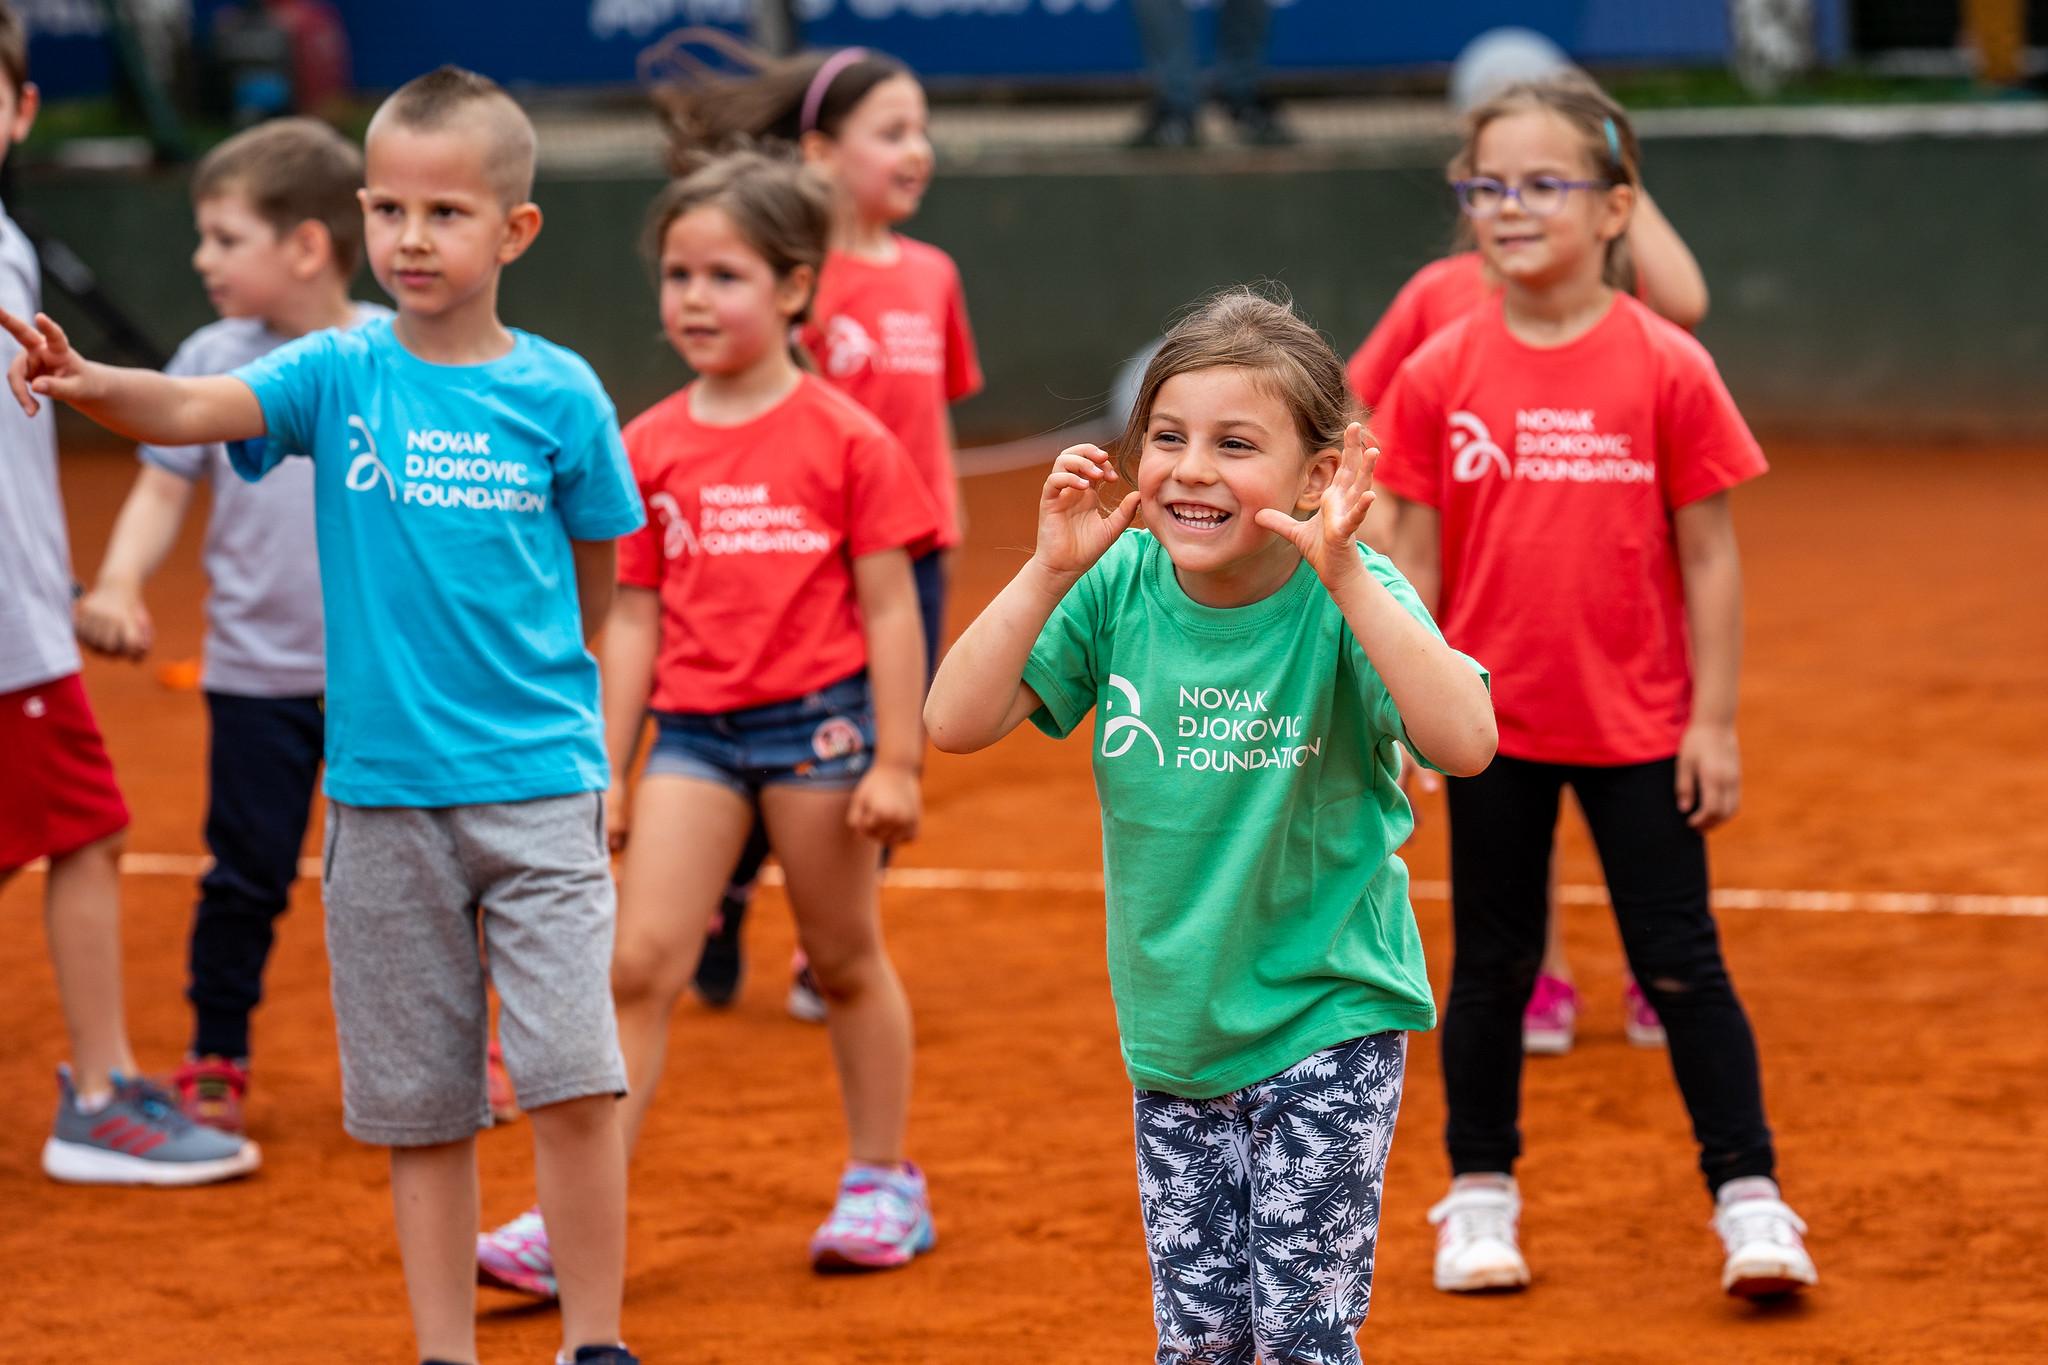 Hipokinezija odnosnonedovoljno kretanje se sve više javlja kod dece, kako školskog tako i predškolskog uzrasta.